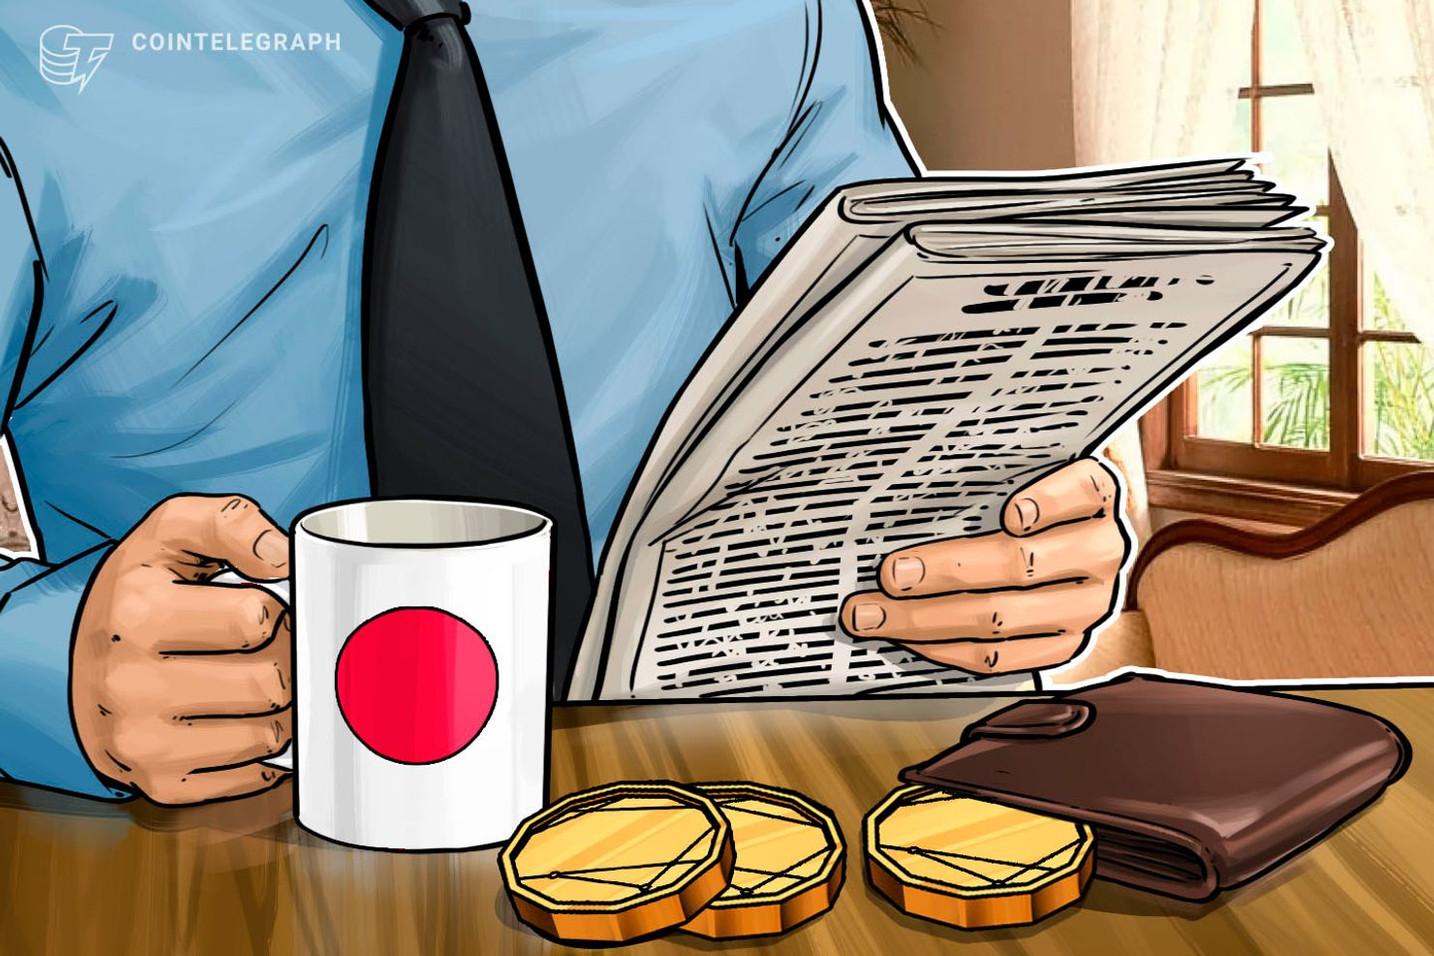 仮想通貨取引所ビットバンク、アルトコインのクアンタムの取扱いを開始へ